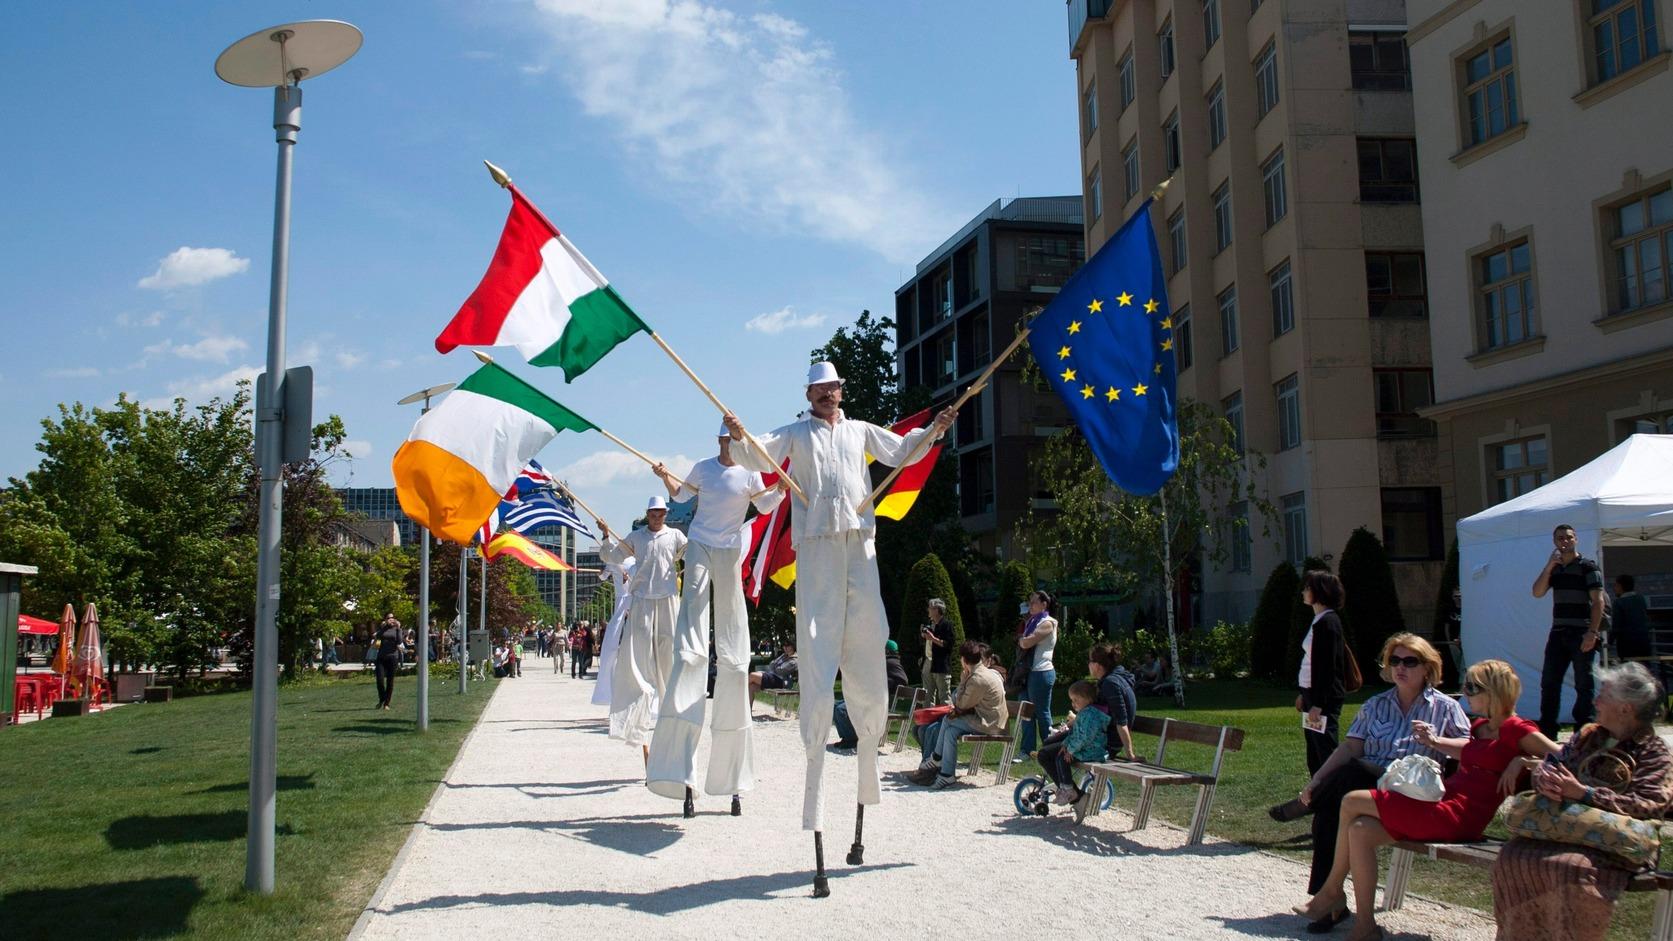 Május 7-én tartják azv Európai Unió napját. 1950-ben ezen a napon tett javaslatot Robert Schuman az európai országok integrációjára (Fotó: MTI/Marjai János)